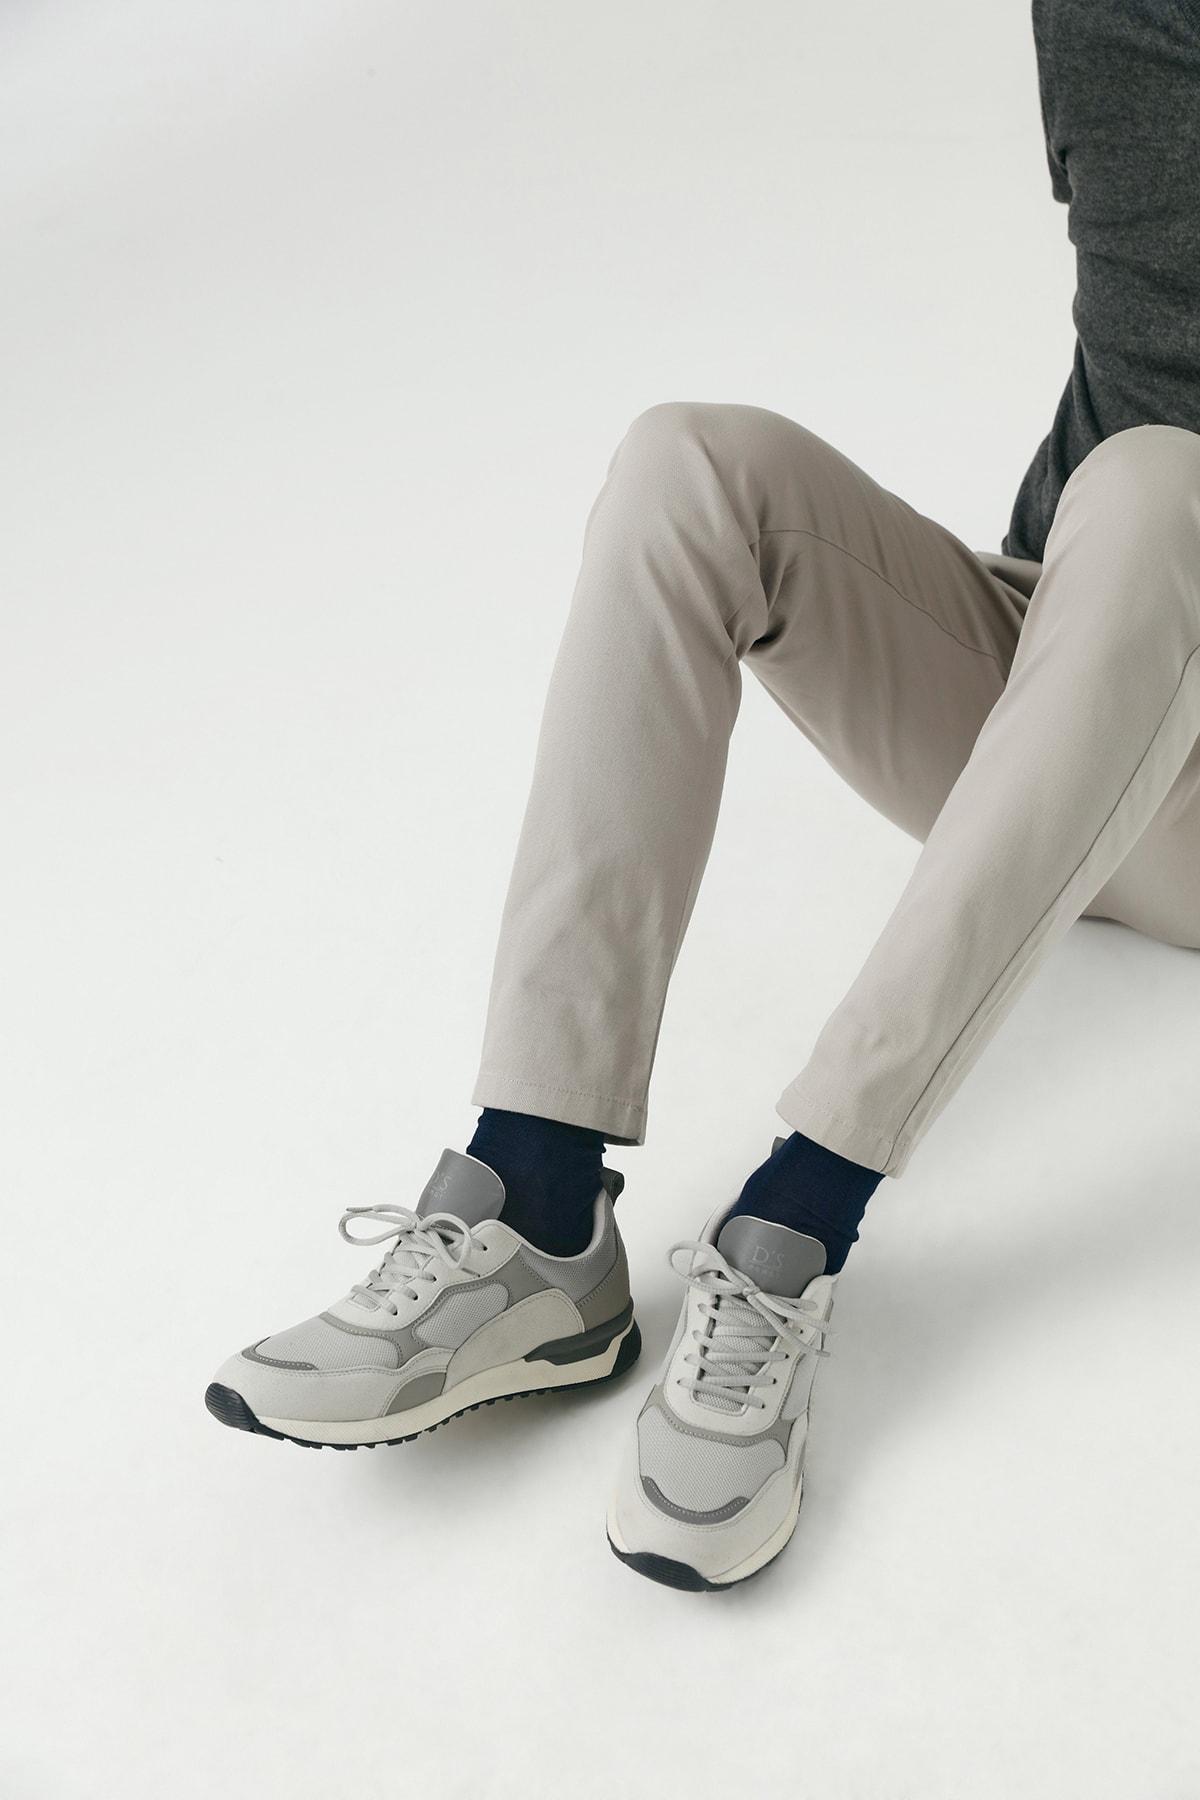 Twn Erkek Ayakkabı Gri Renk 2